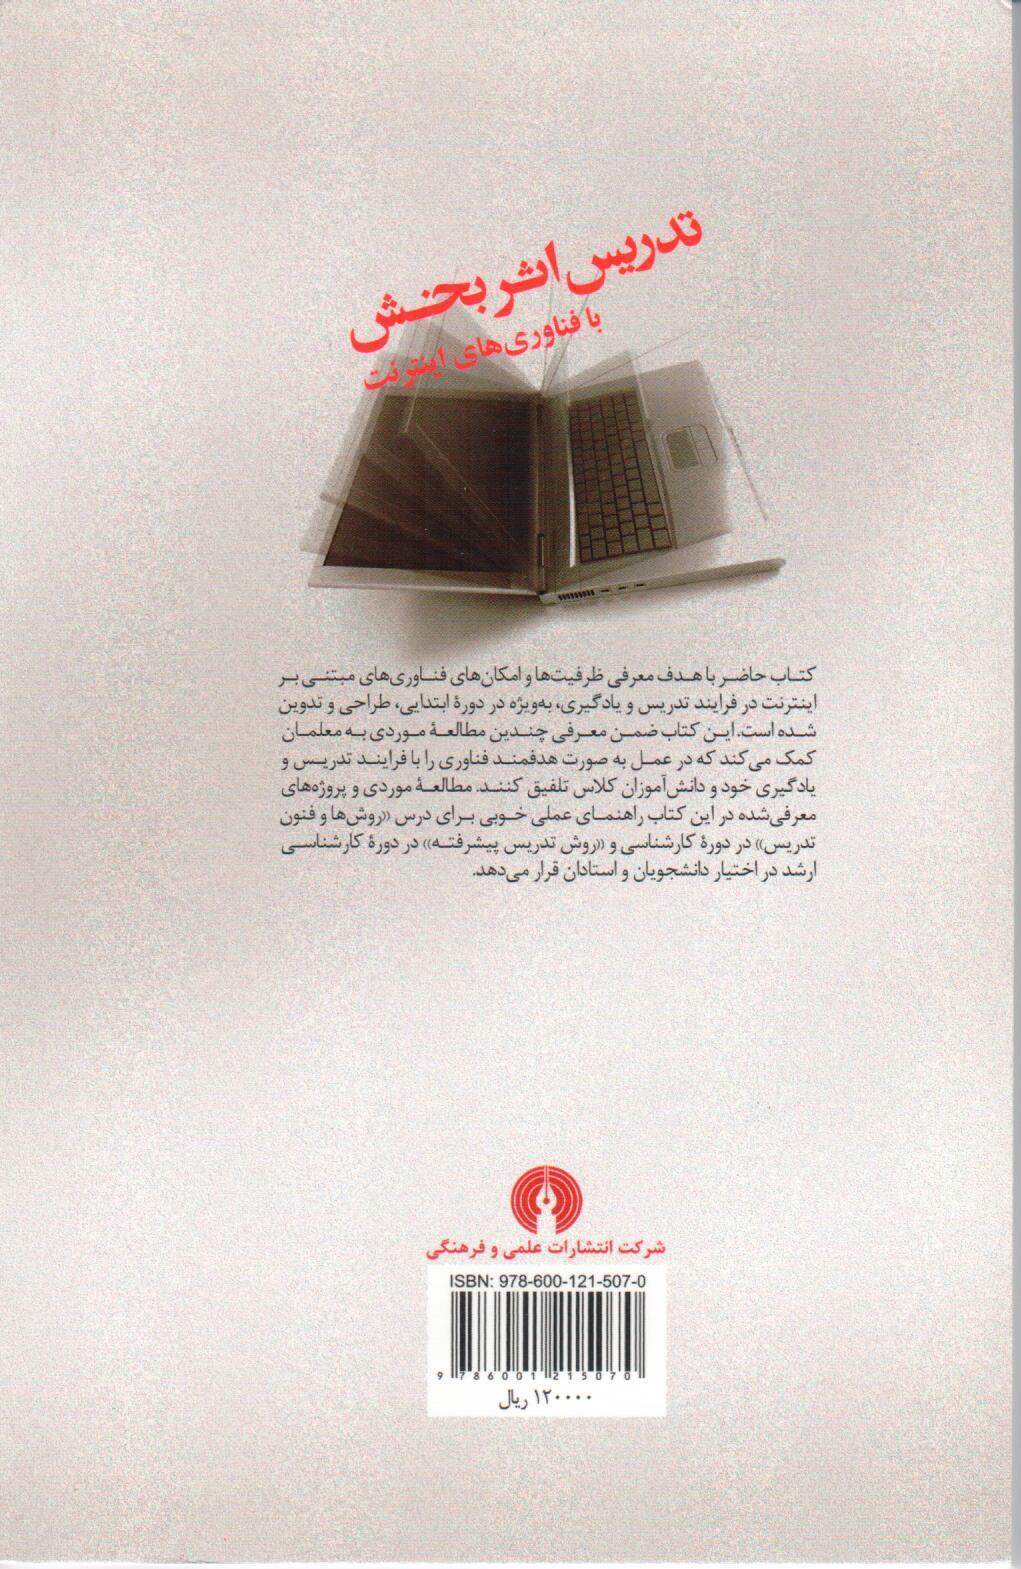 انتشارات علمی و فرهنگی کتاب « تدریس اثر بخش با فناوری های اینترنت » را منتشر کرد